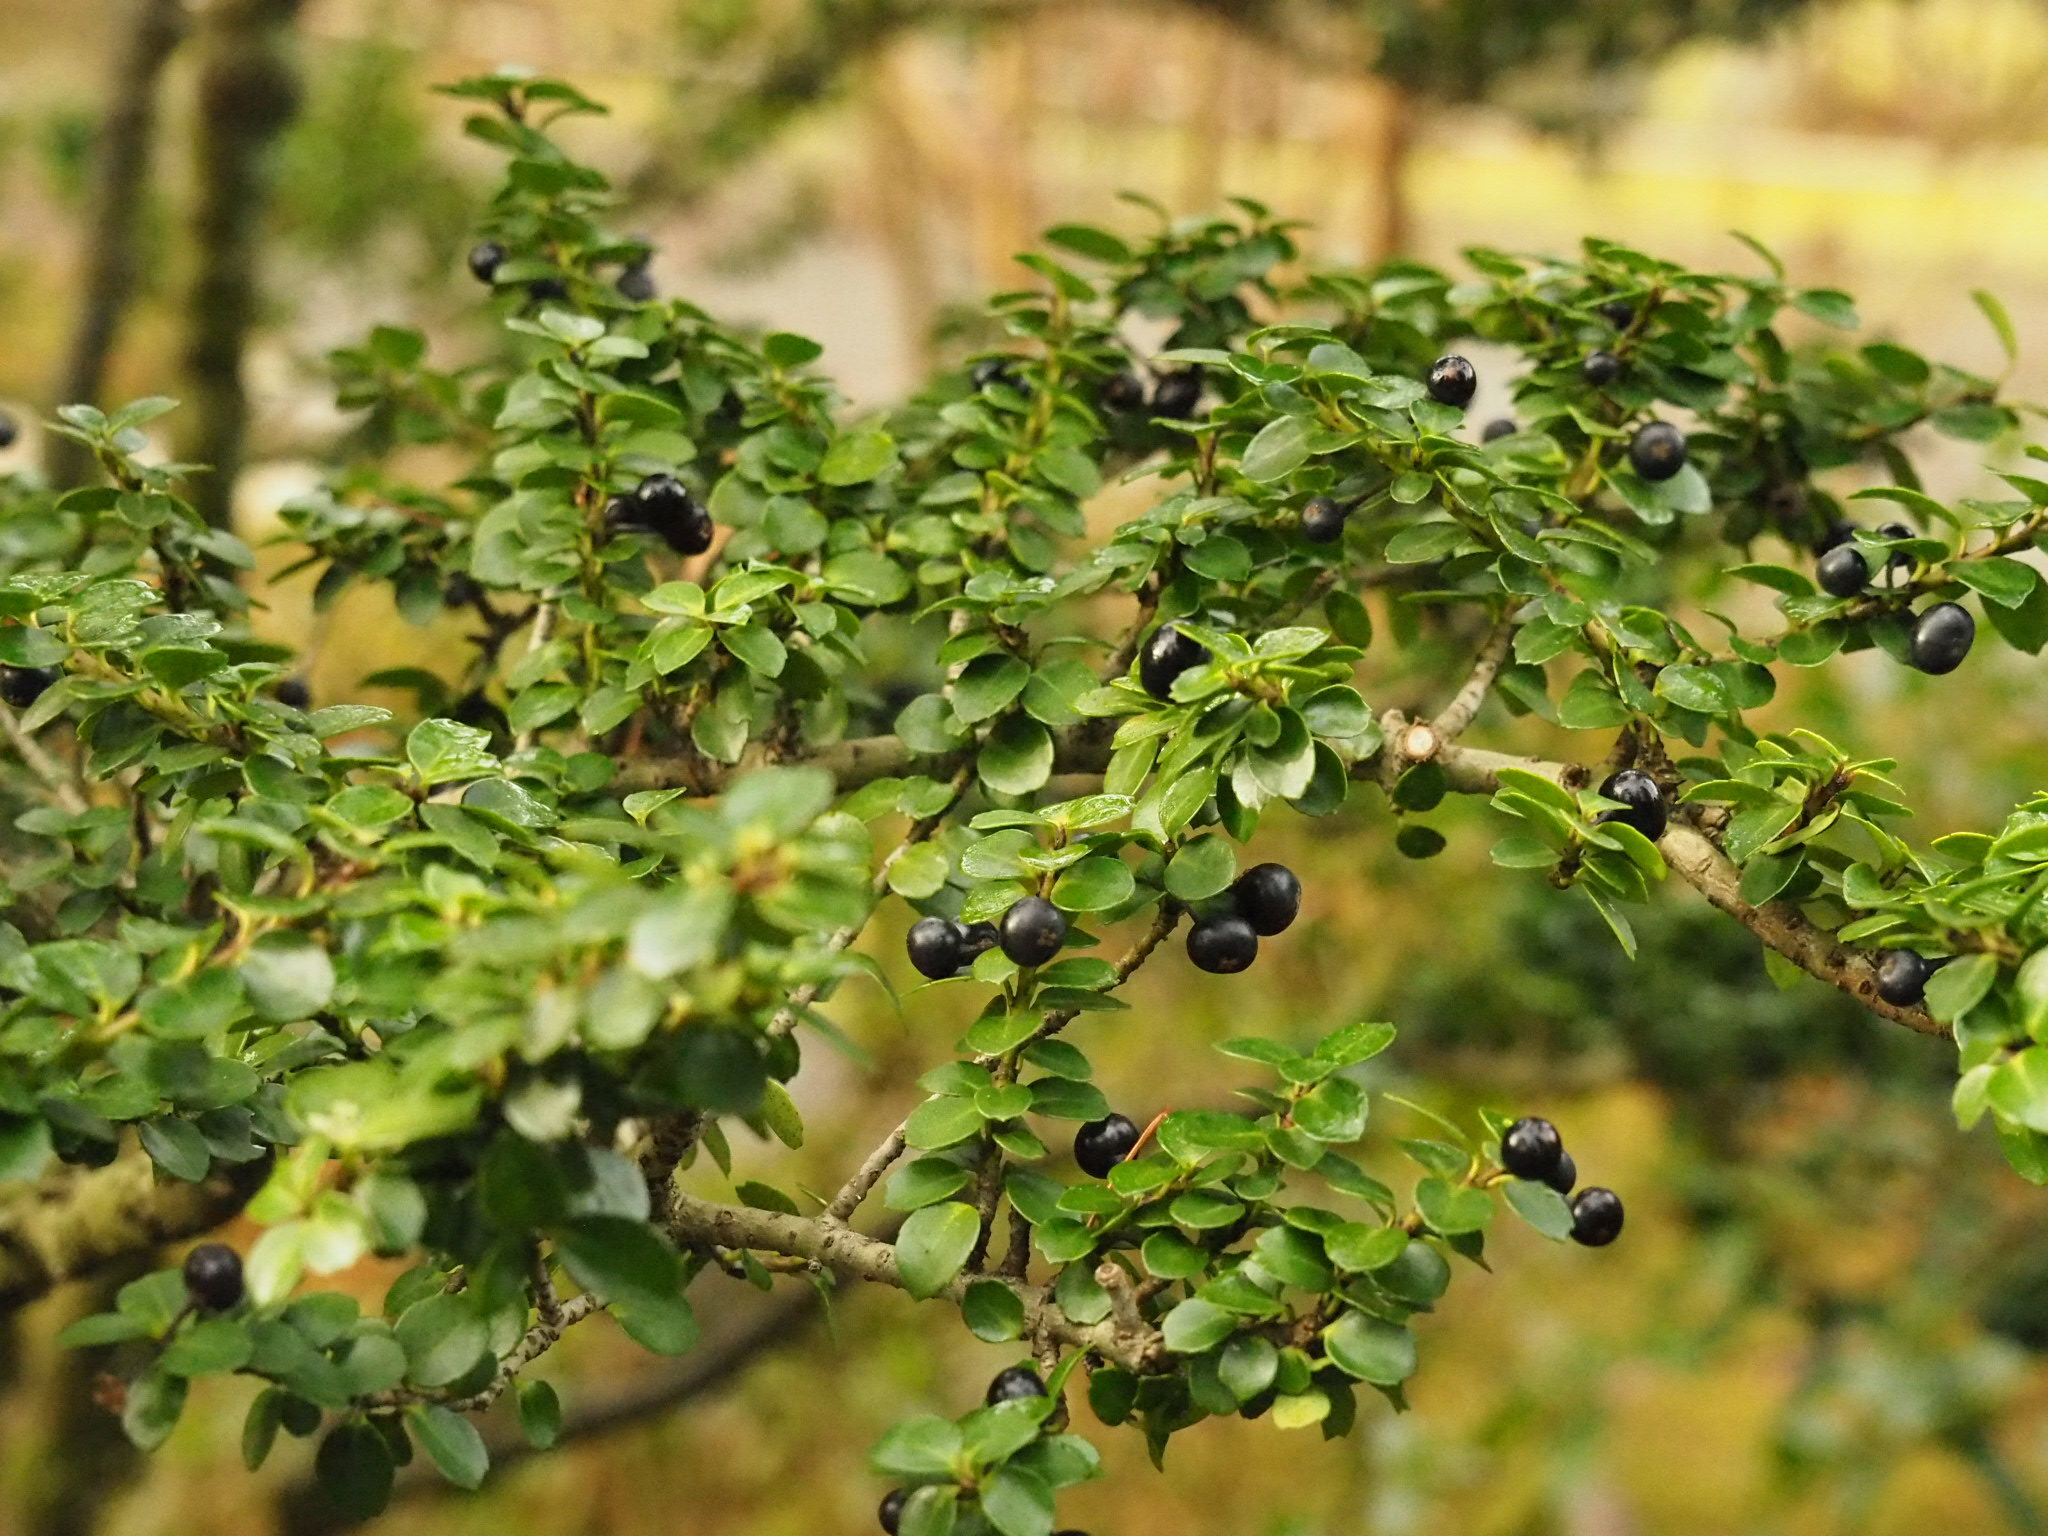 """Foliage and berries of  Ilex crenata  'Mariesii"""" (photo by Chie Iida)"""